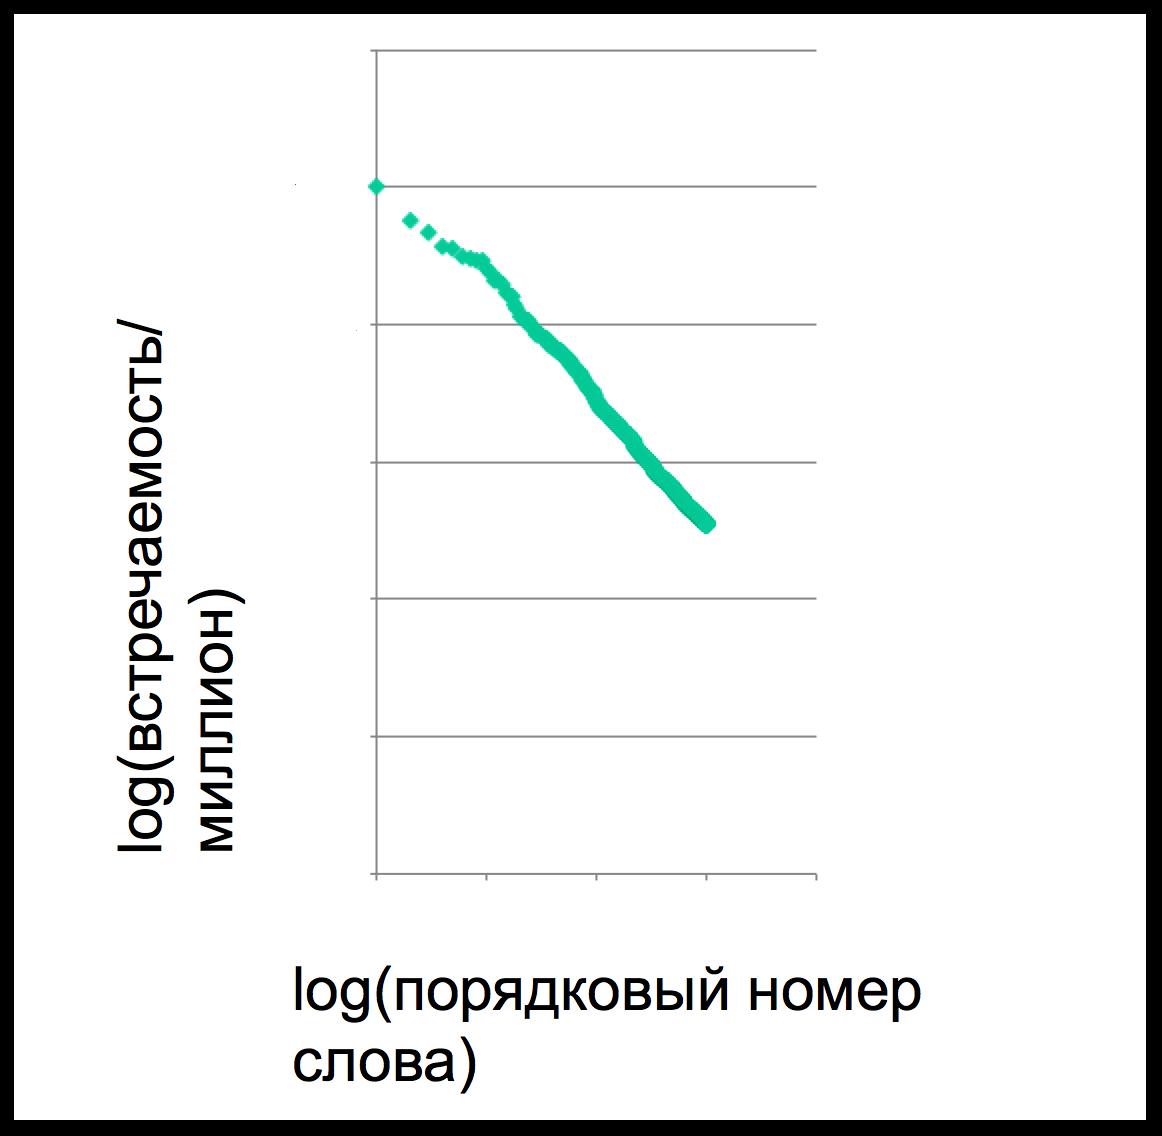 Какому языку можно научиться, задавая вопросы поисковой системе? Семинар в Яндексе